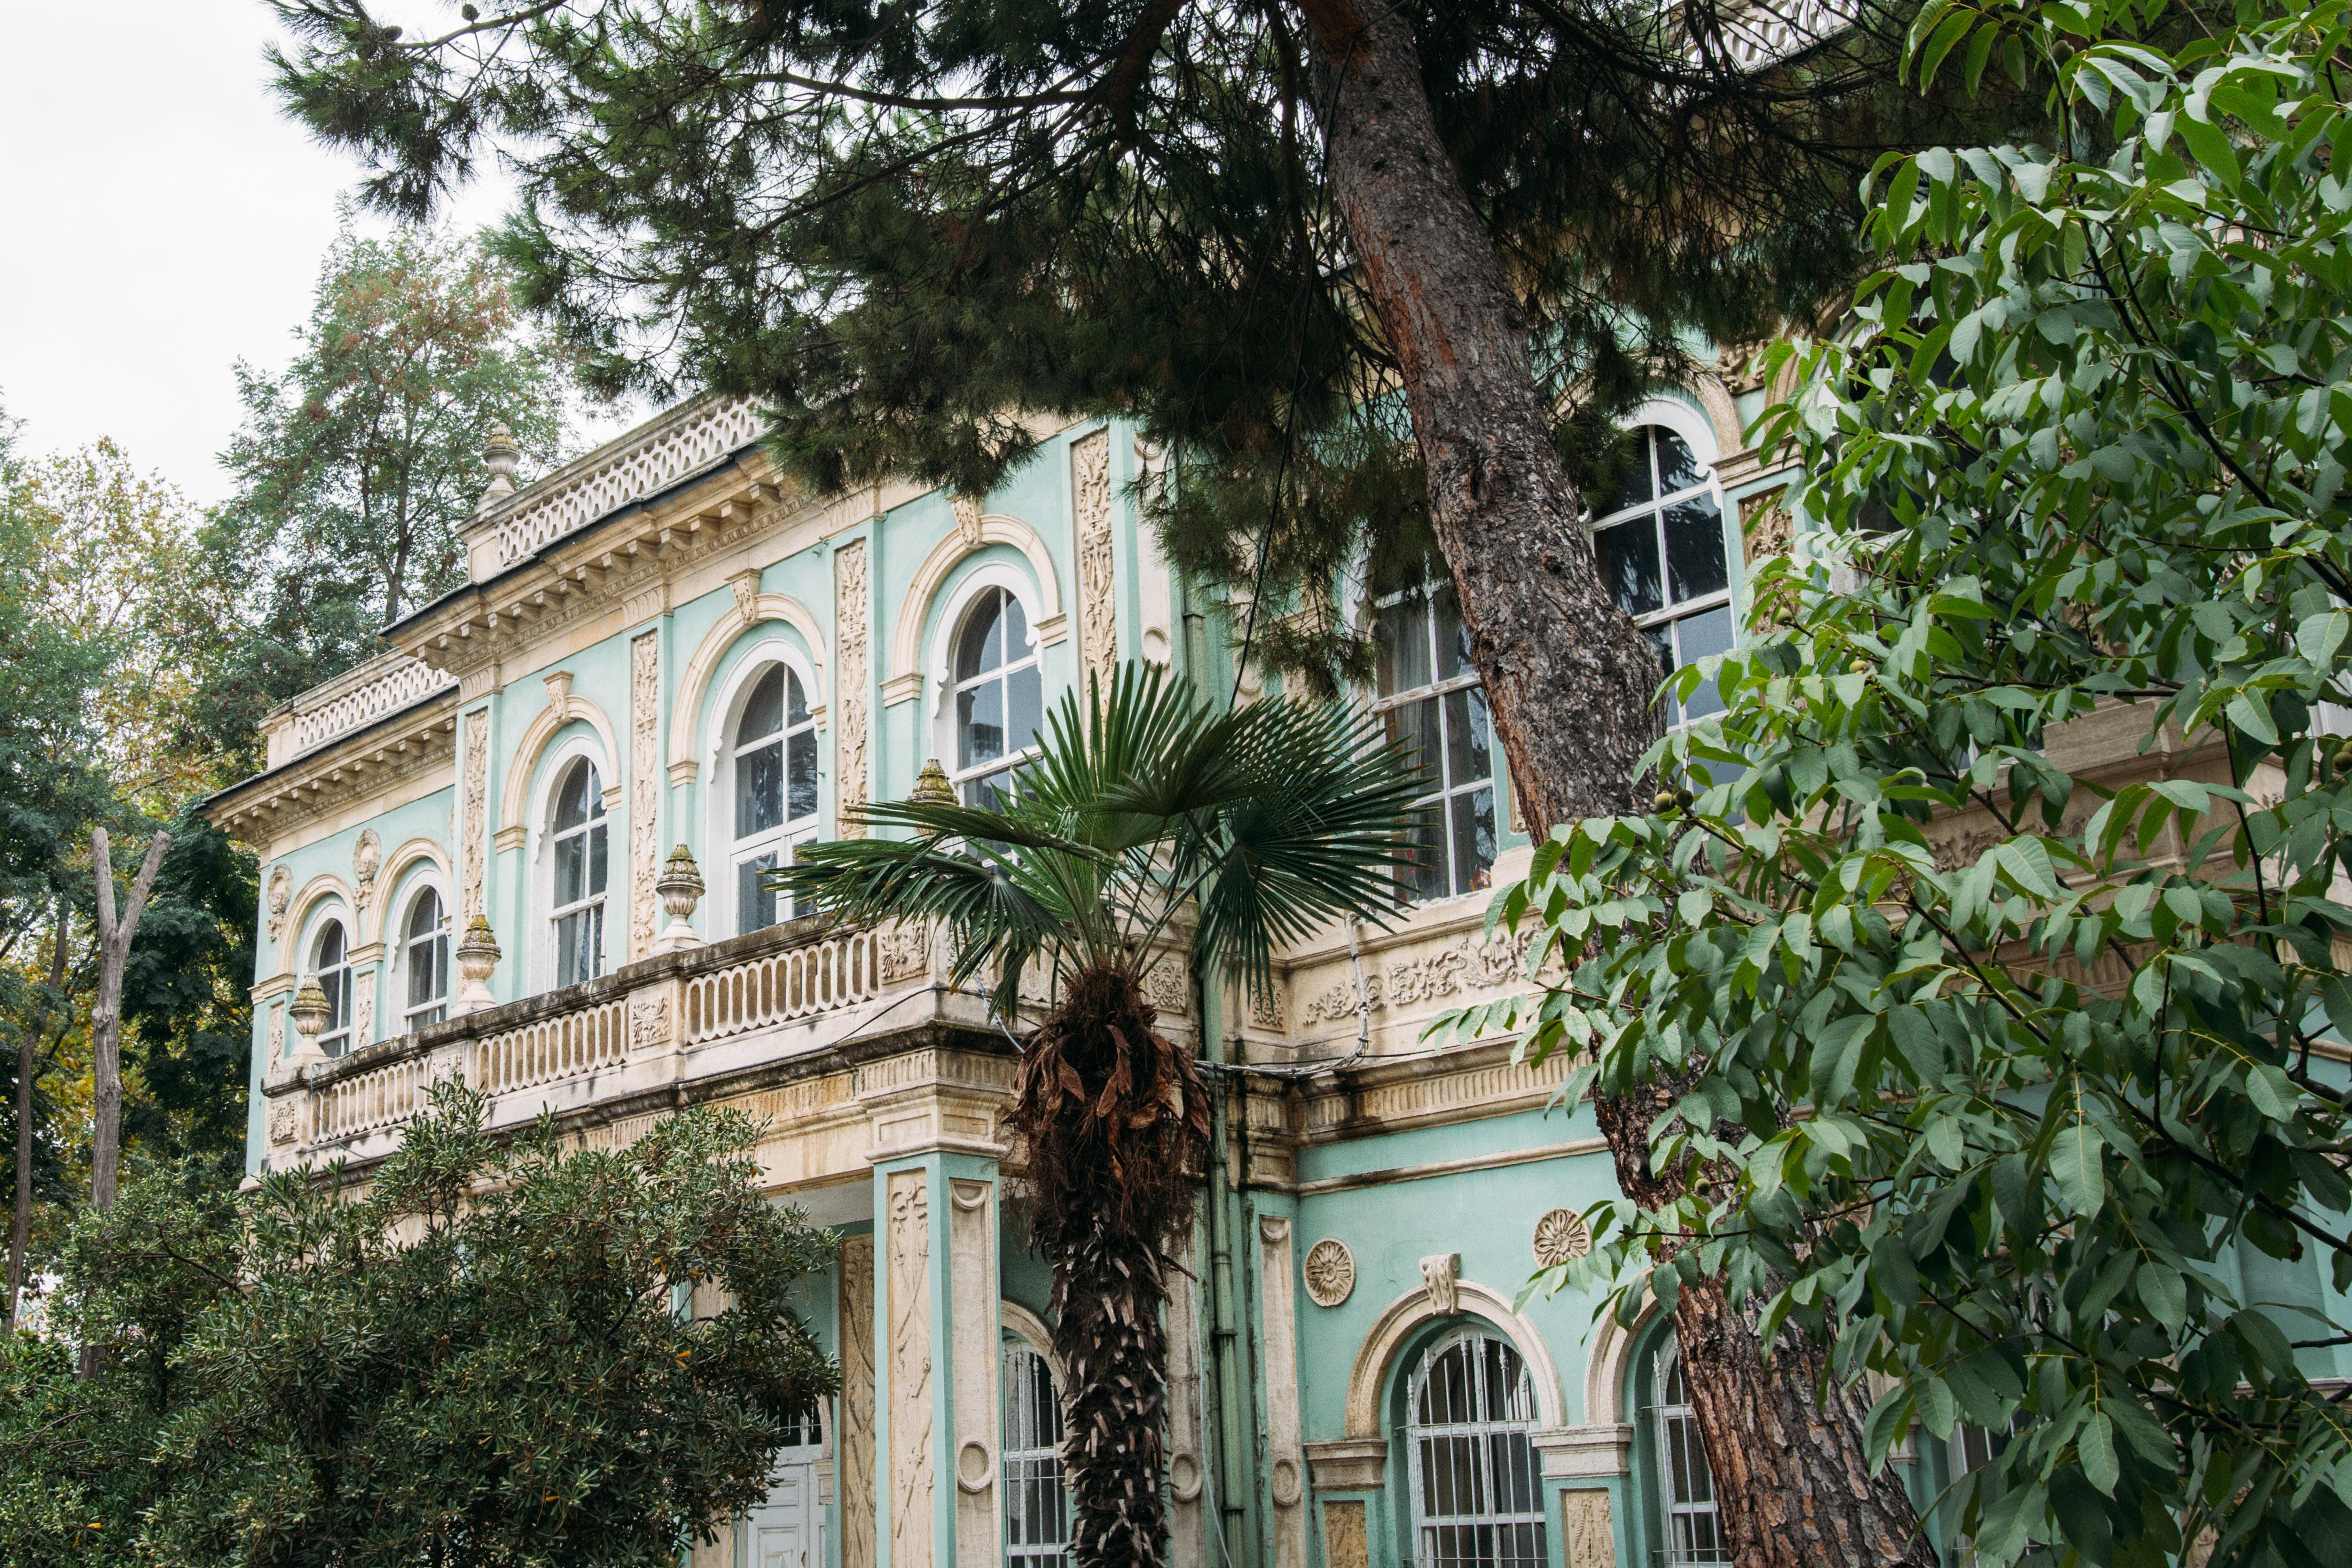 Sultan Abdülmecid tara3ndan İngiliz mimar William James Smith`e yap:rılan, yapımı 1852'de tamamlanan Tophane Kasrı. Eskiden deniz yoluyla İstanbul'a gelen yabancı misafirlerin koankladığı 2 katlı bina, bugün Mimar Sinan Üniversite'nin kullanımında.